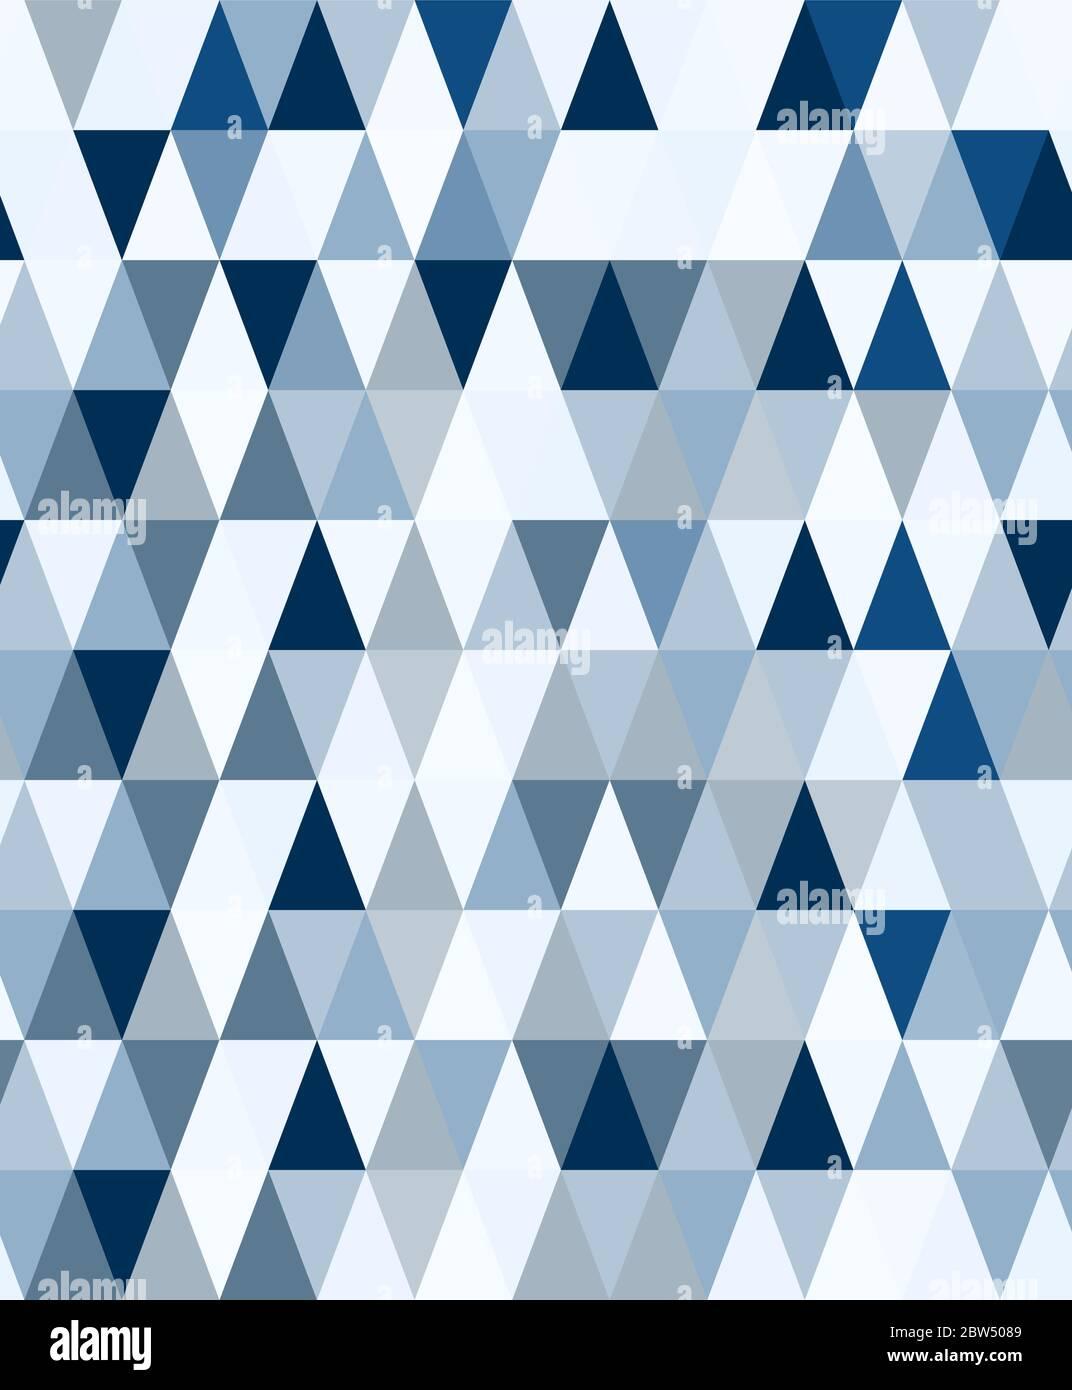 Moderno diseño geométrico minimalista sin costuras con triángulos de colores en tonos de azul clásico. Patrón vectorial geométrico contemporáneo abstracto. Ilustración del Vector